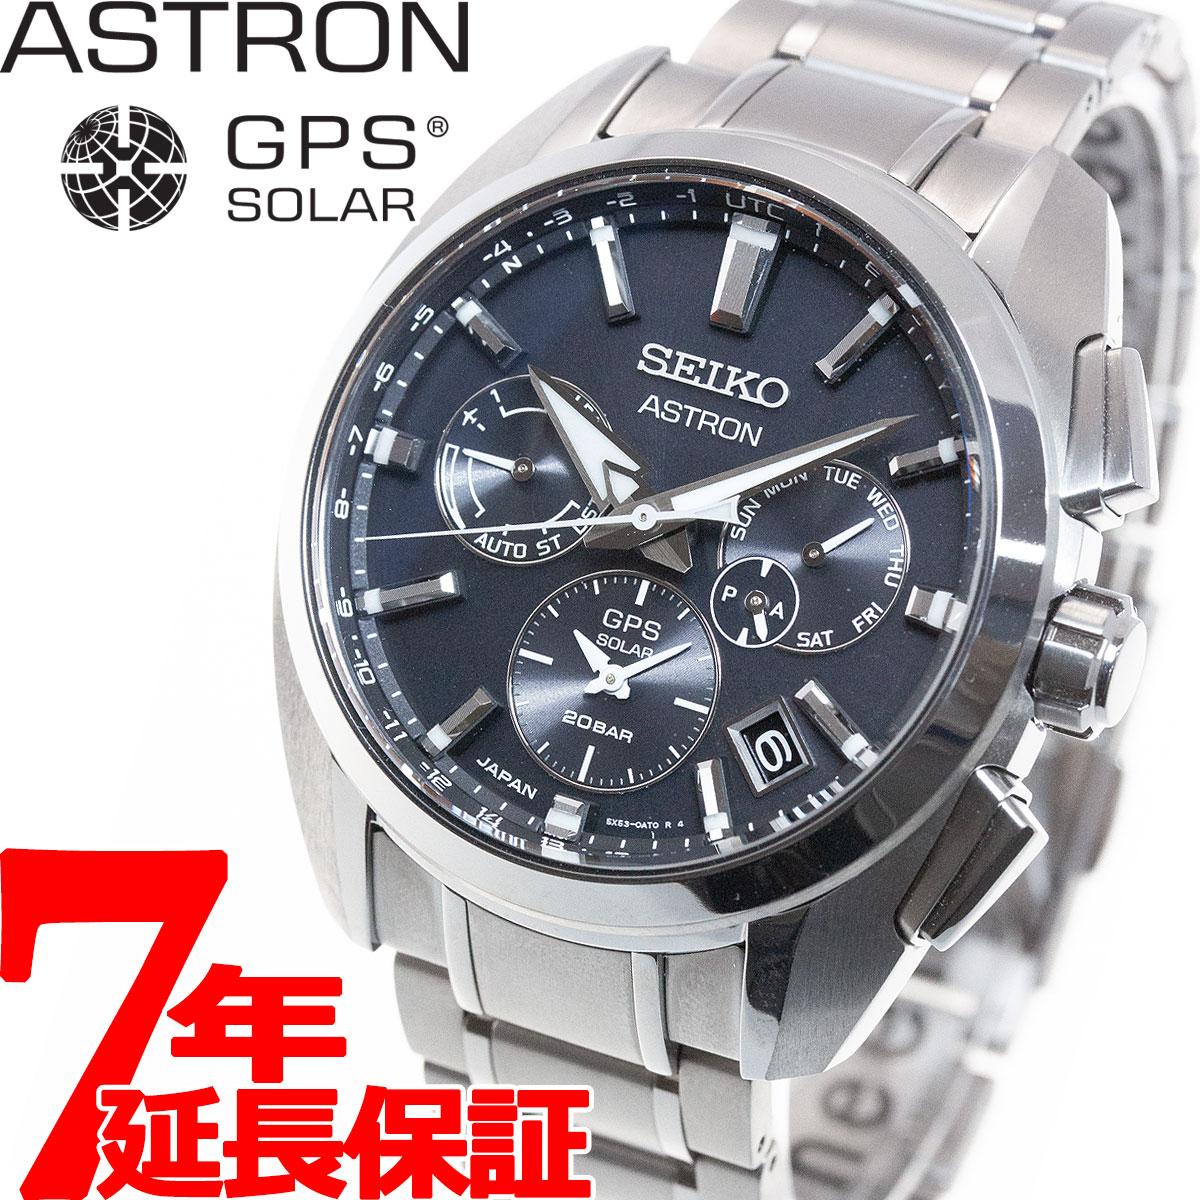 腕時計, メンズ腕時計 2502000OFF60252359 SEIKO ASTRON GPS GPS SBXC0672020